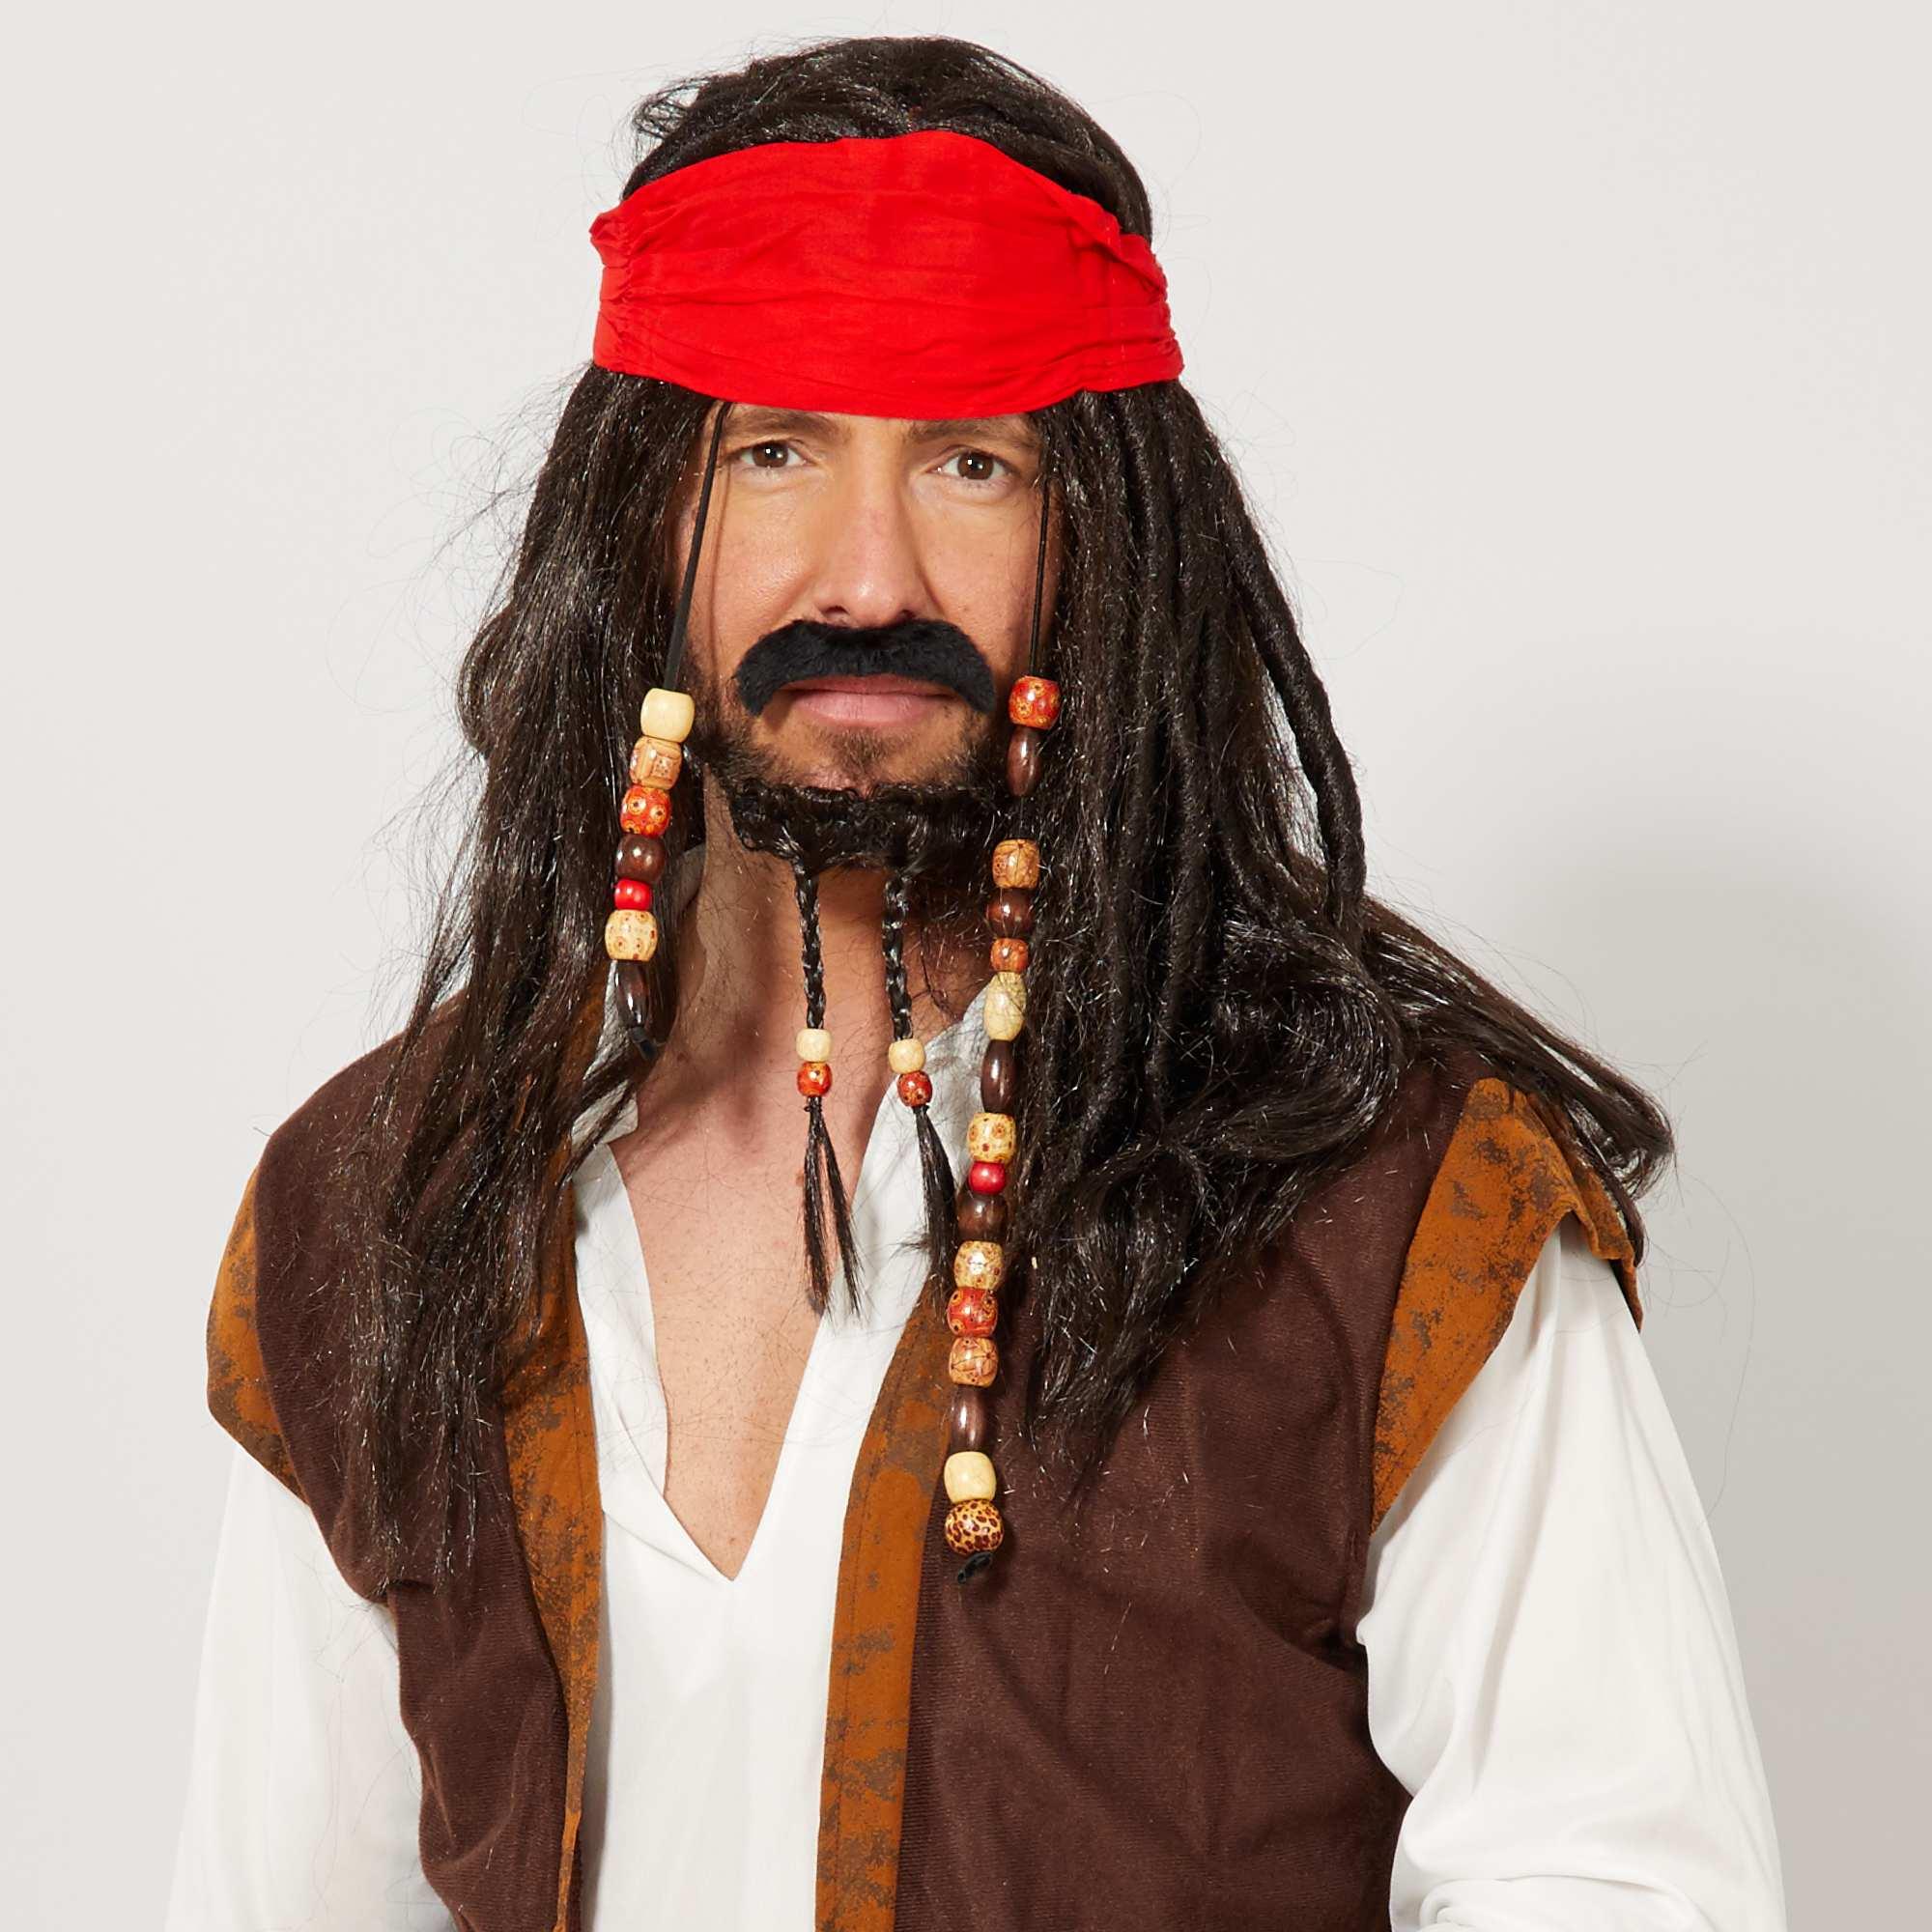 Couleur : noir, , ,, - Taille : TU, , ,,Pour compléter votre look de pirate ! - Le set de pirate - Le set comprend une